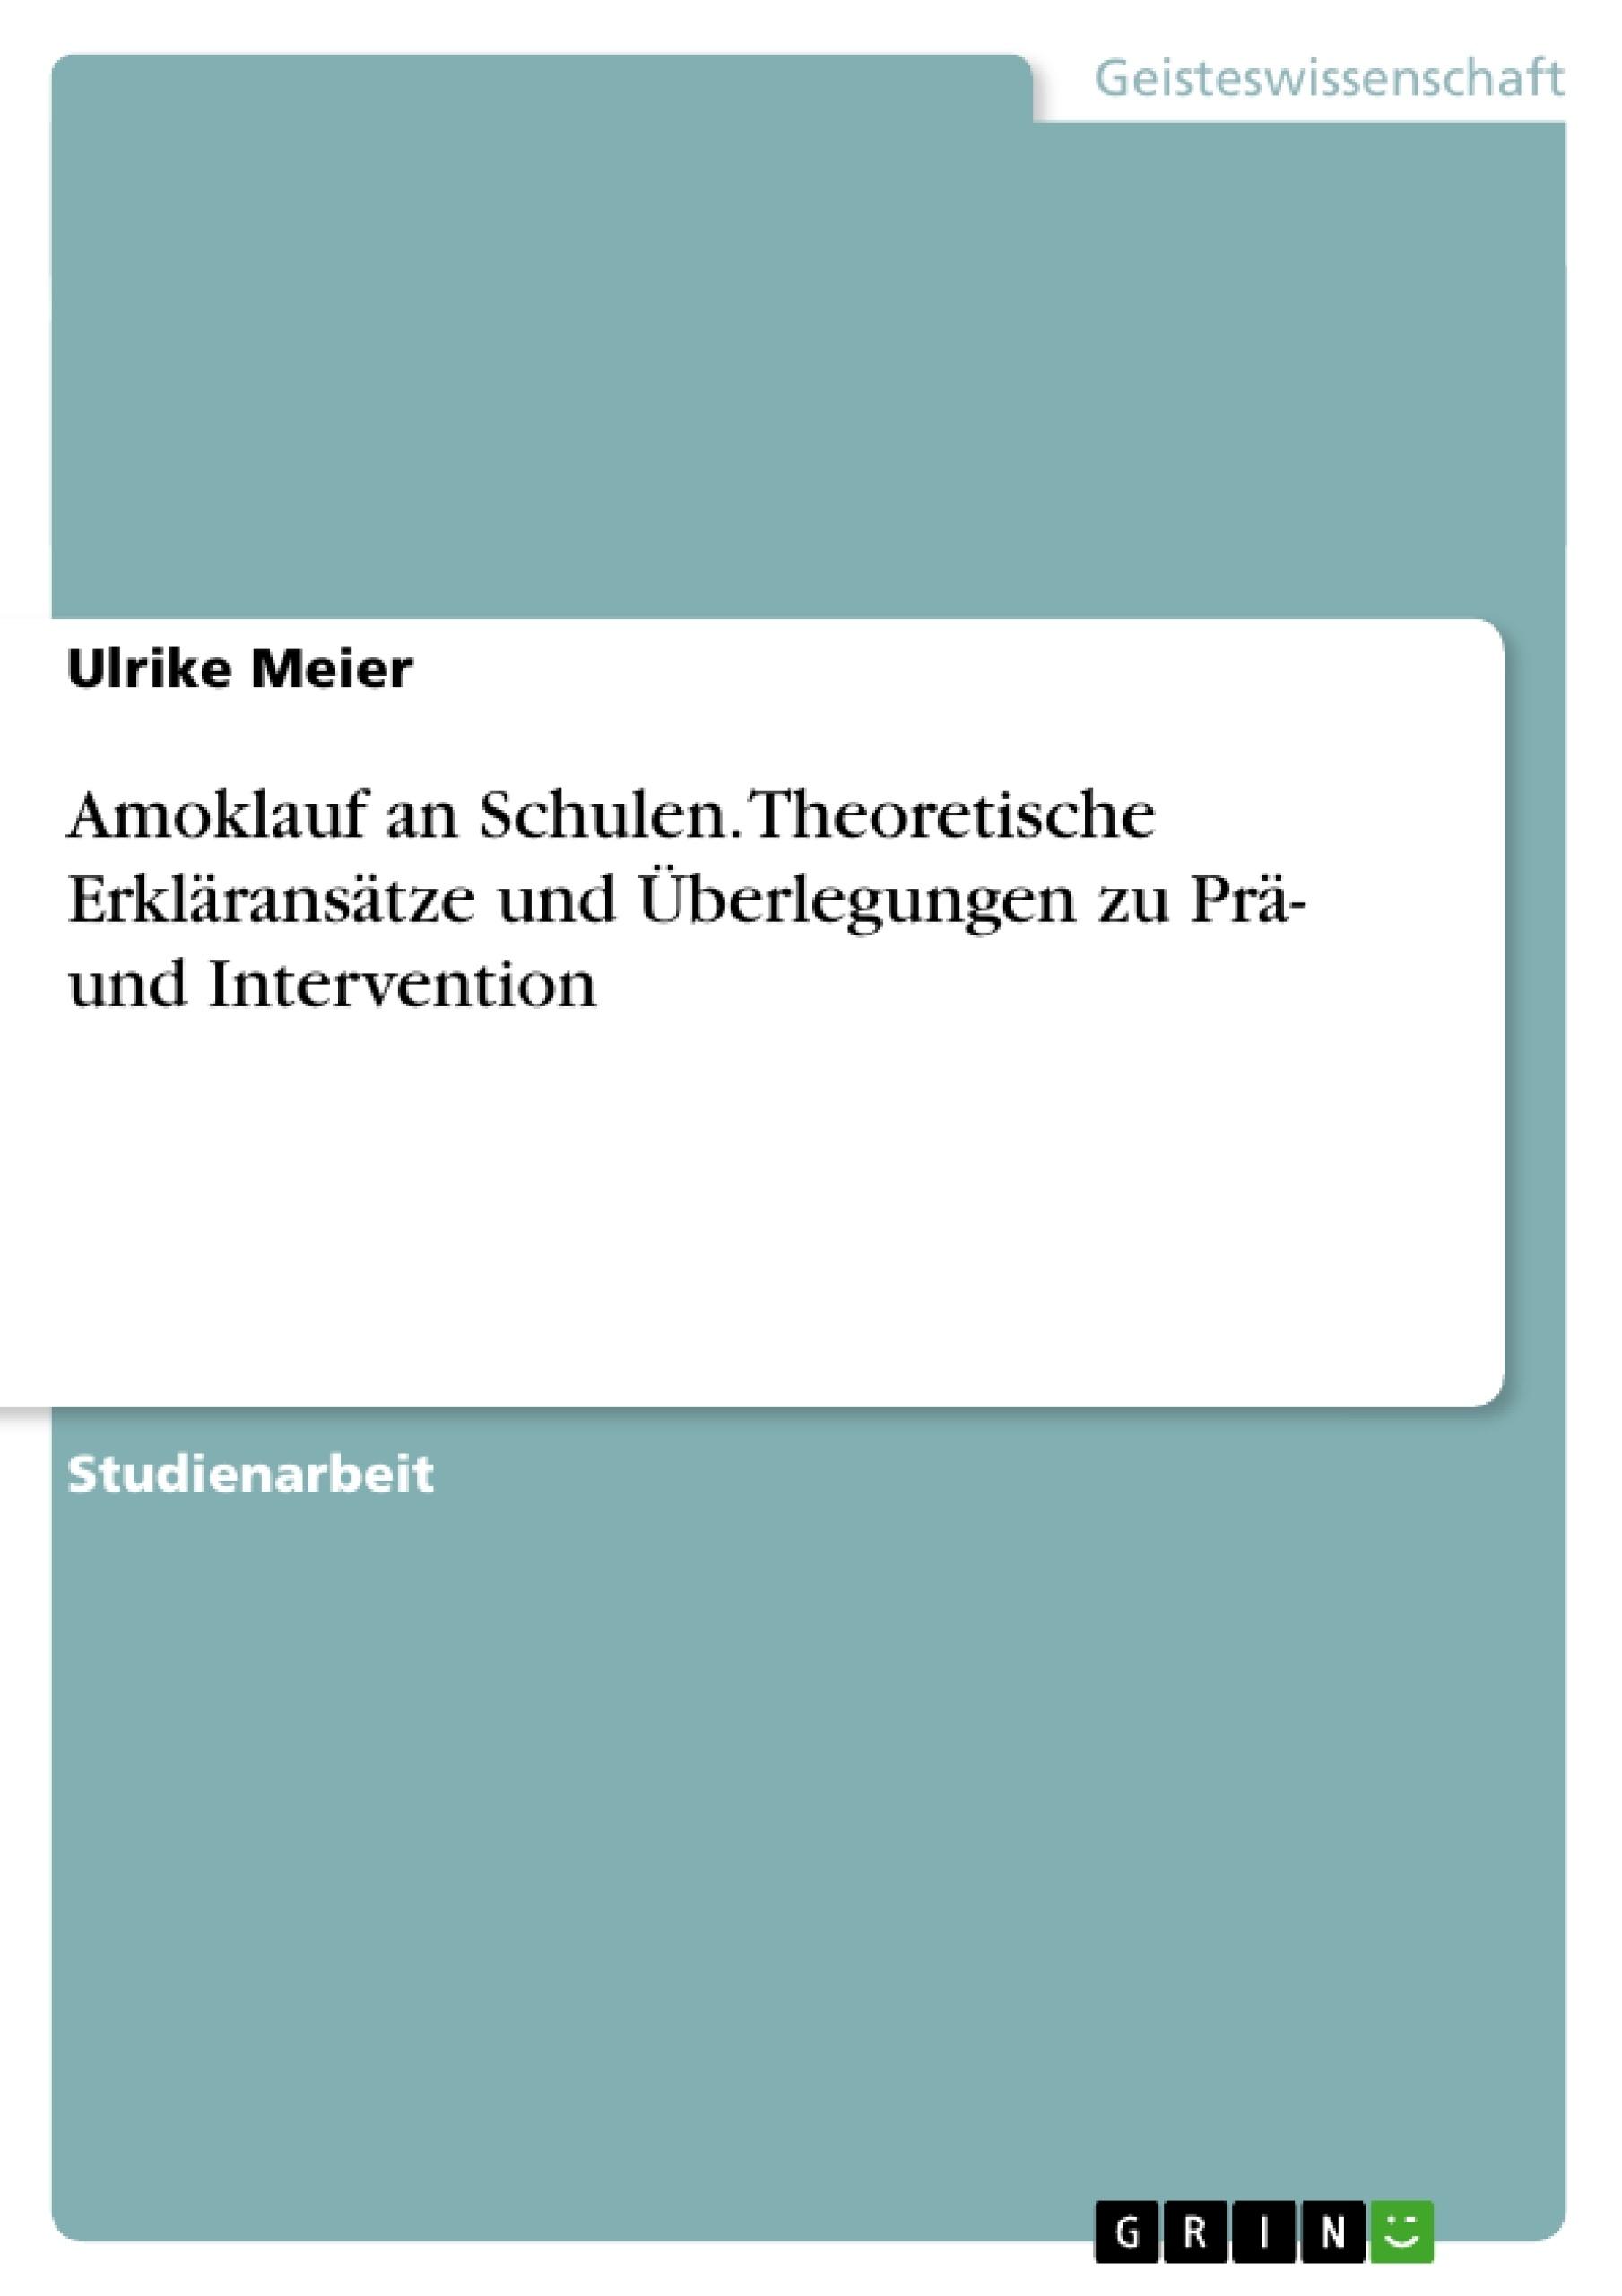 Titel: Amoklauf an Schulen. Theoretische Erkläransätze und Überlegungen zu Prä- und Intervention